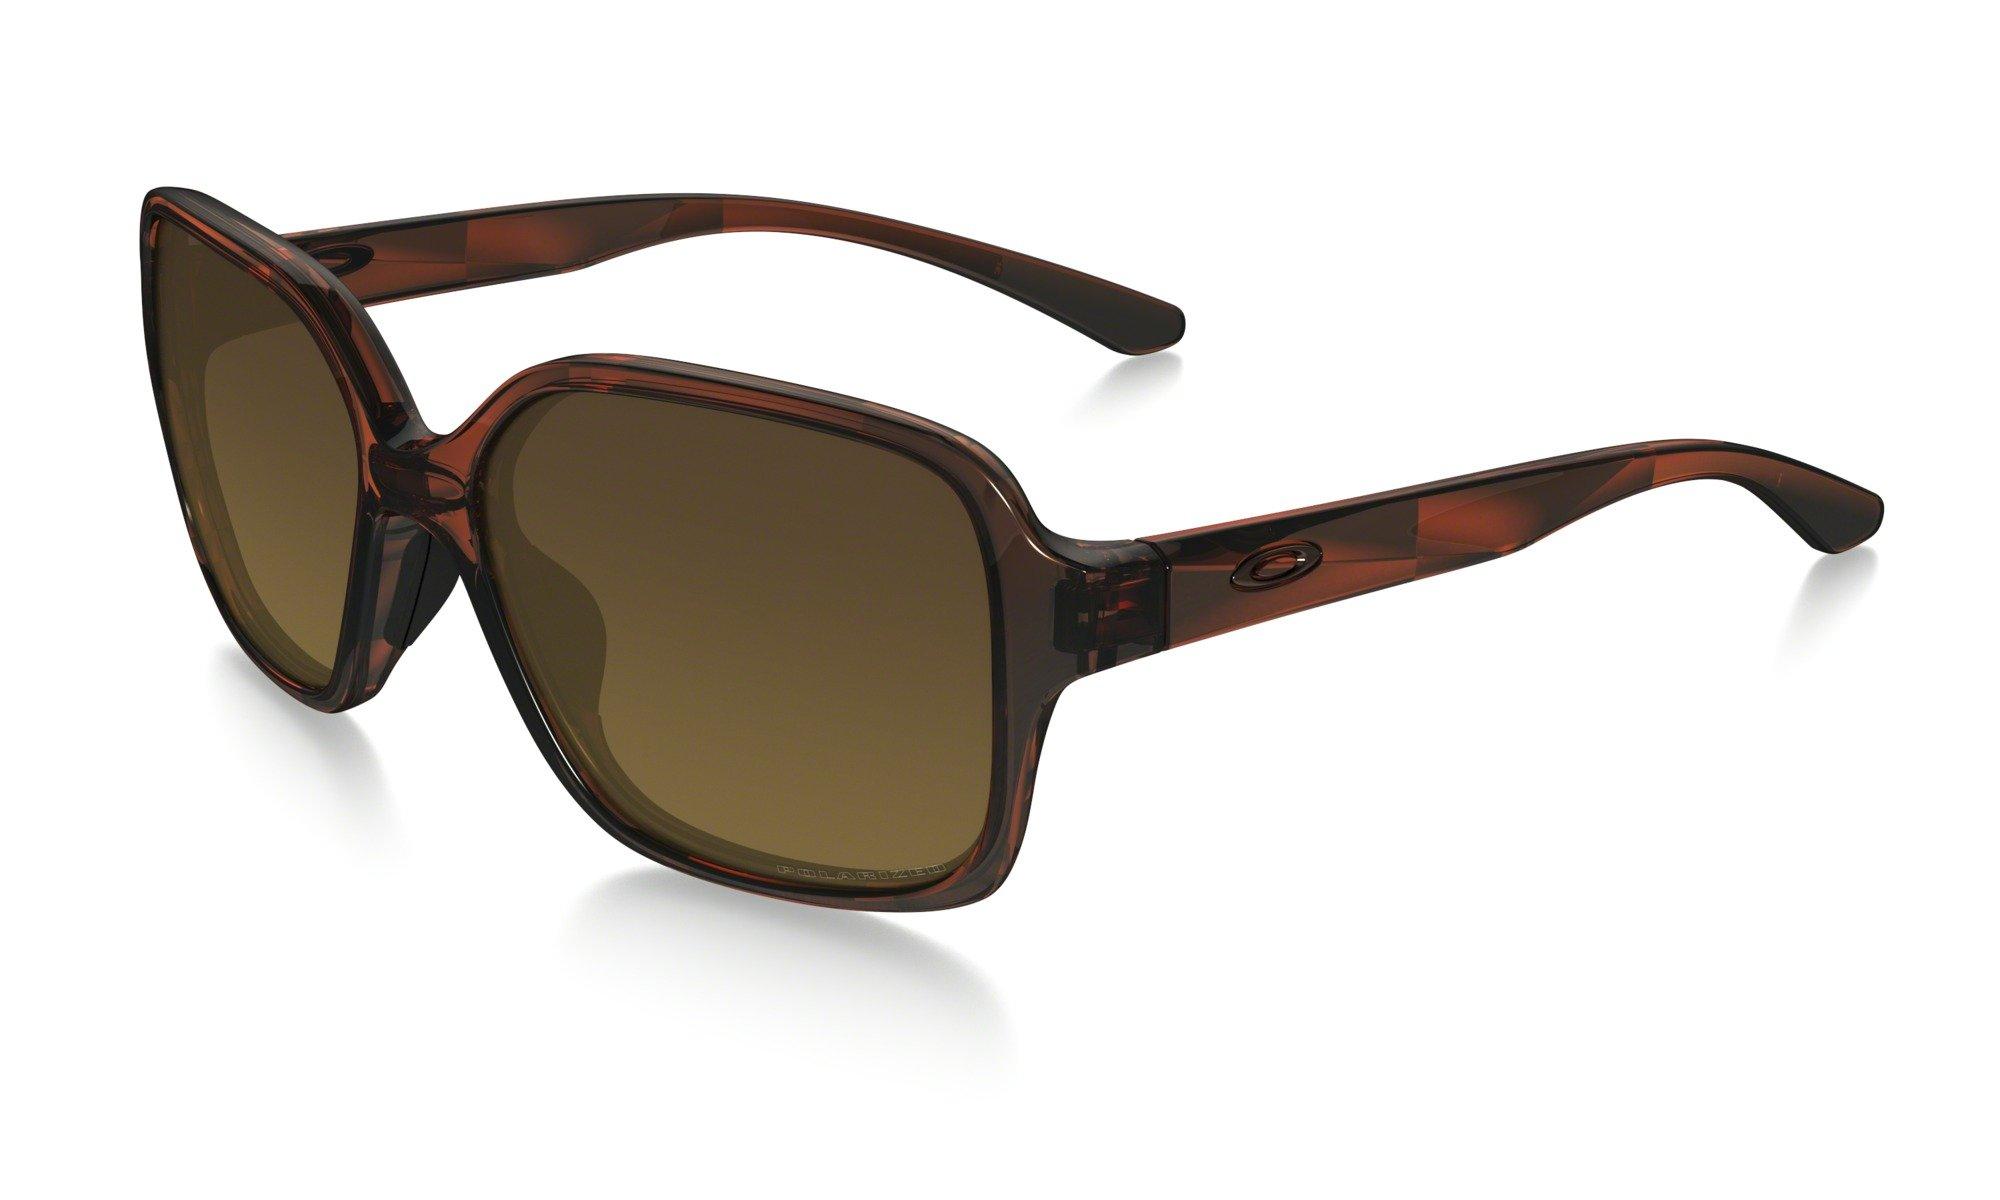 Sluneční brýle Oakley OAKLEY Proxy Tortoise w/Brn Grad Polarized